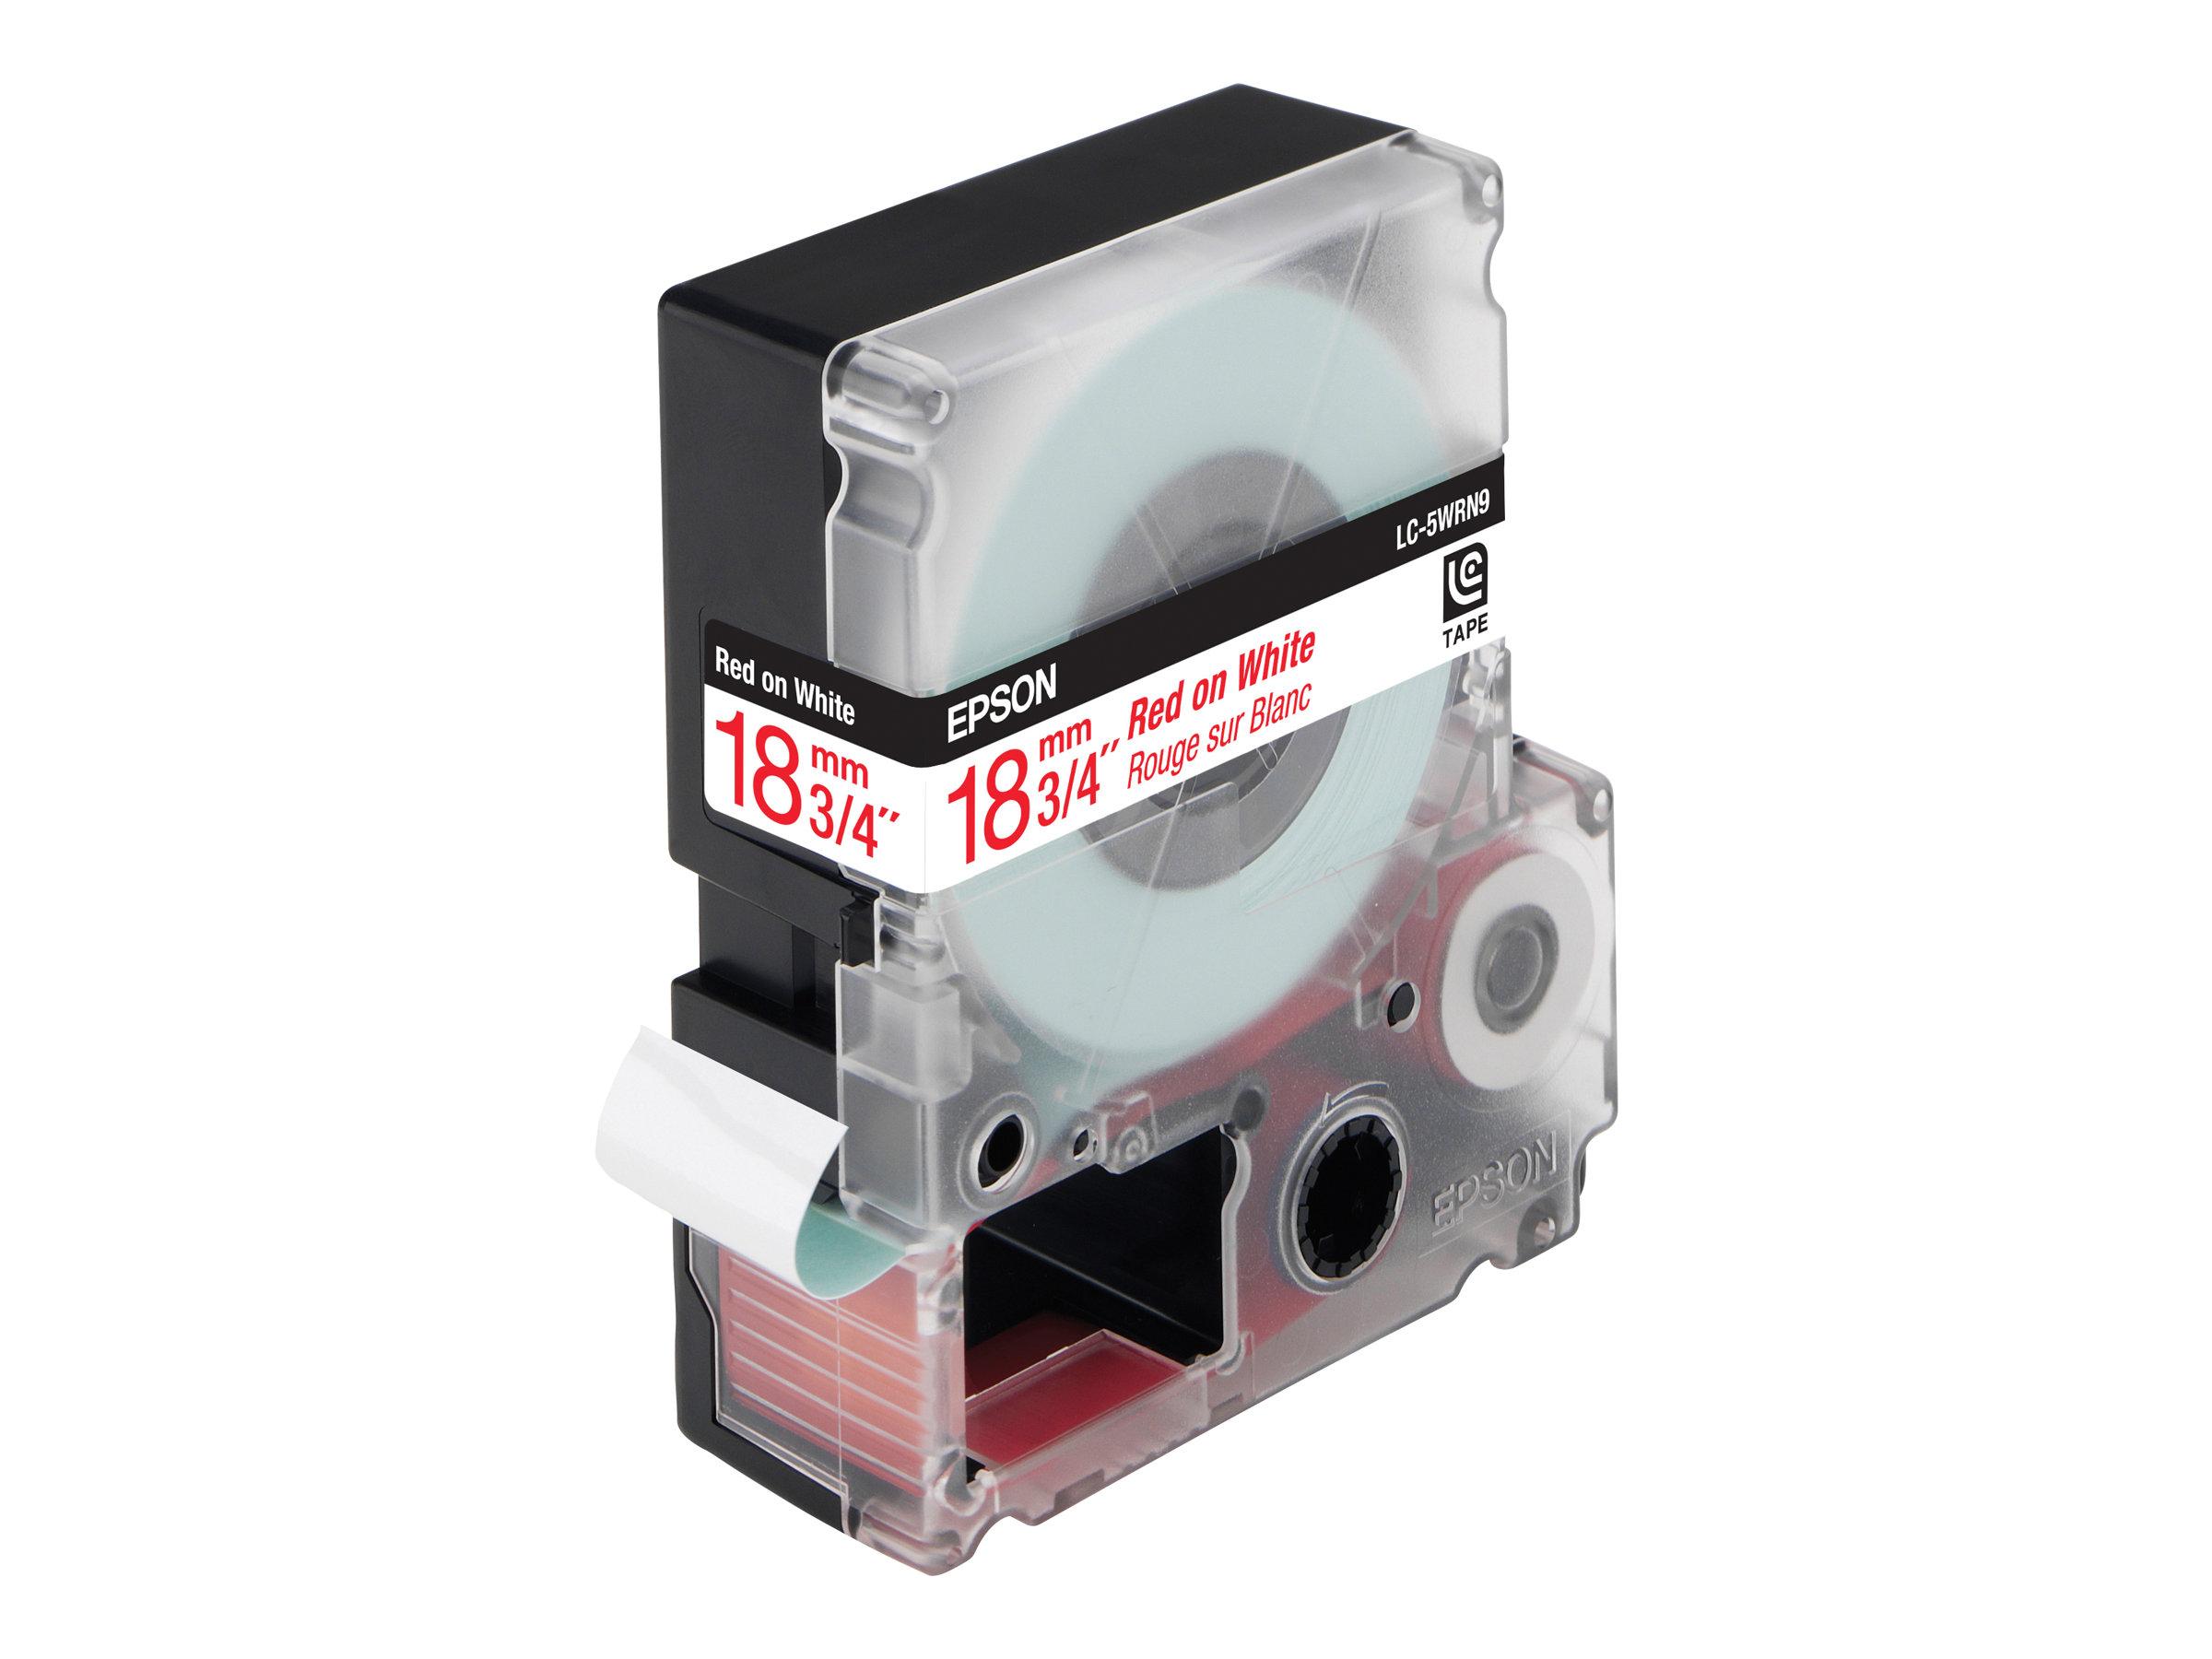 Epson LC-5WRN9 - Rot auf Weiß